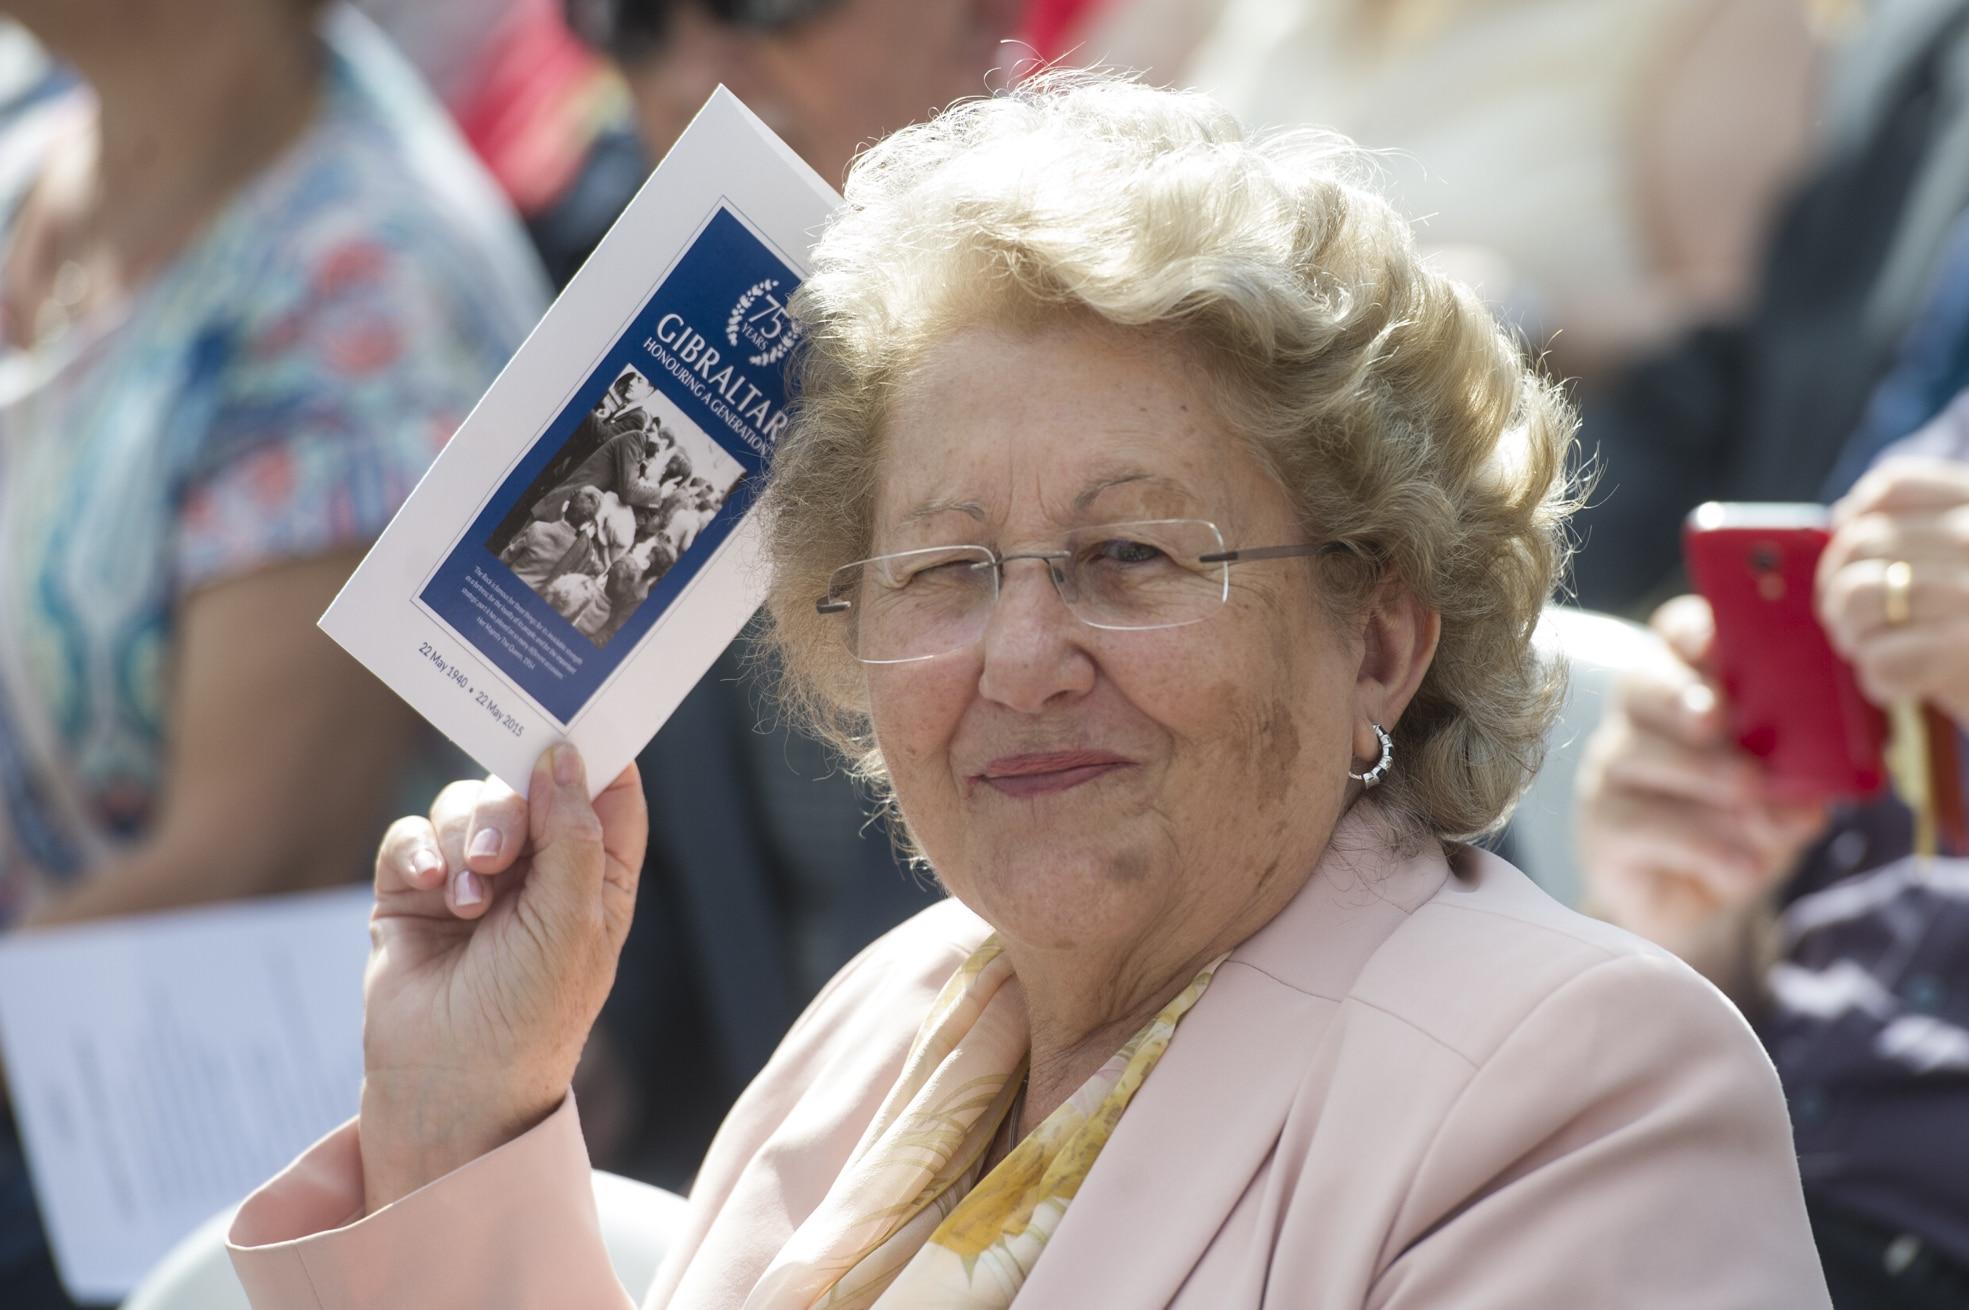 ceremonia-75-anos-evacuacion-gibraltar-22052015-21_17808981609_o